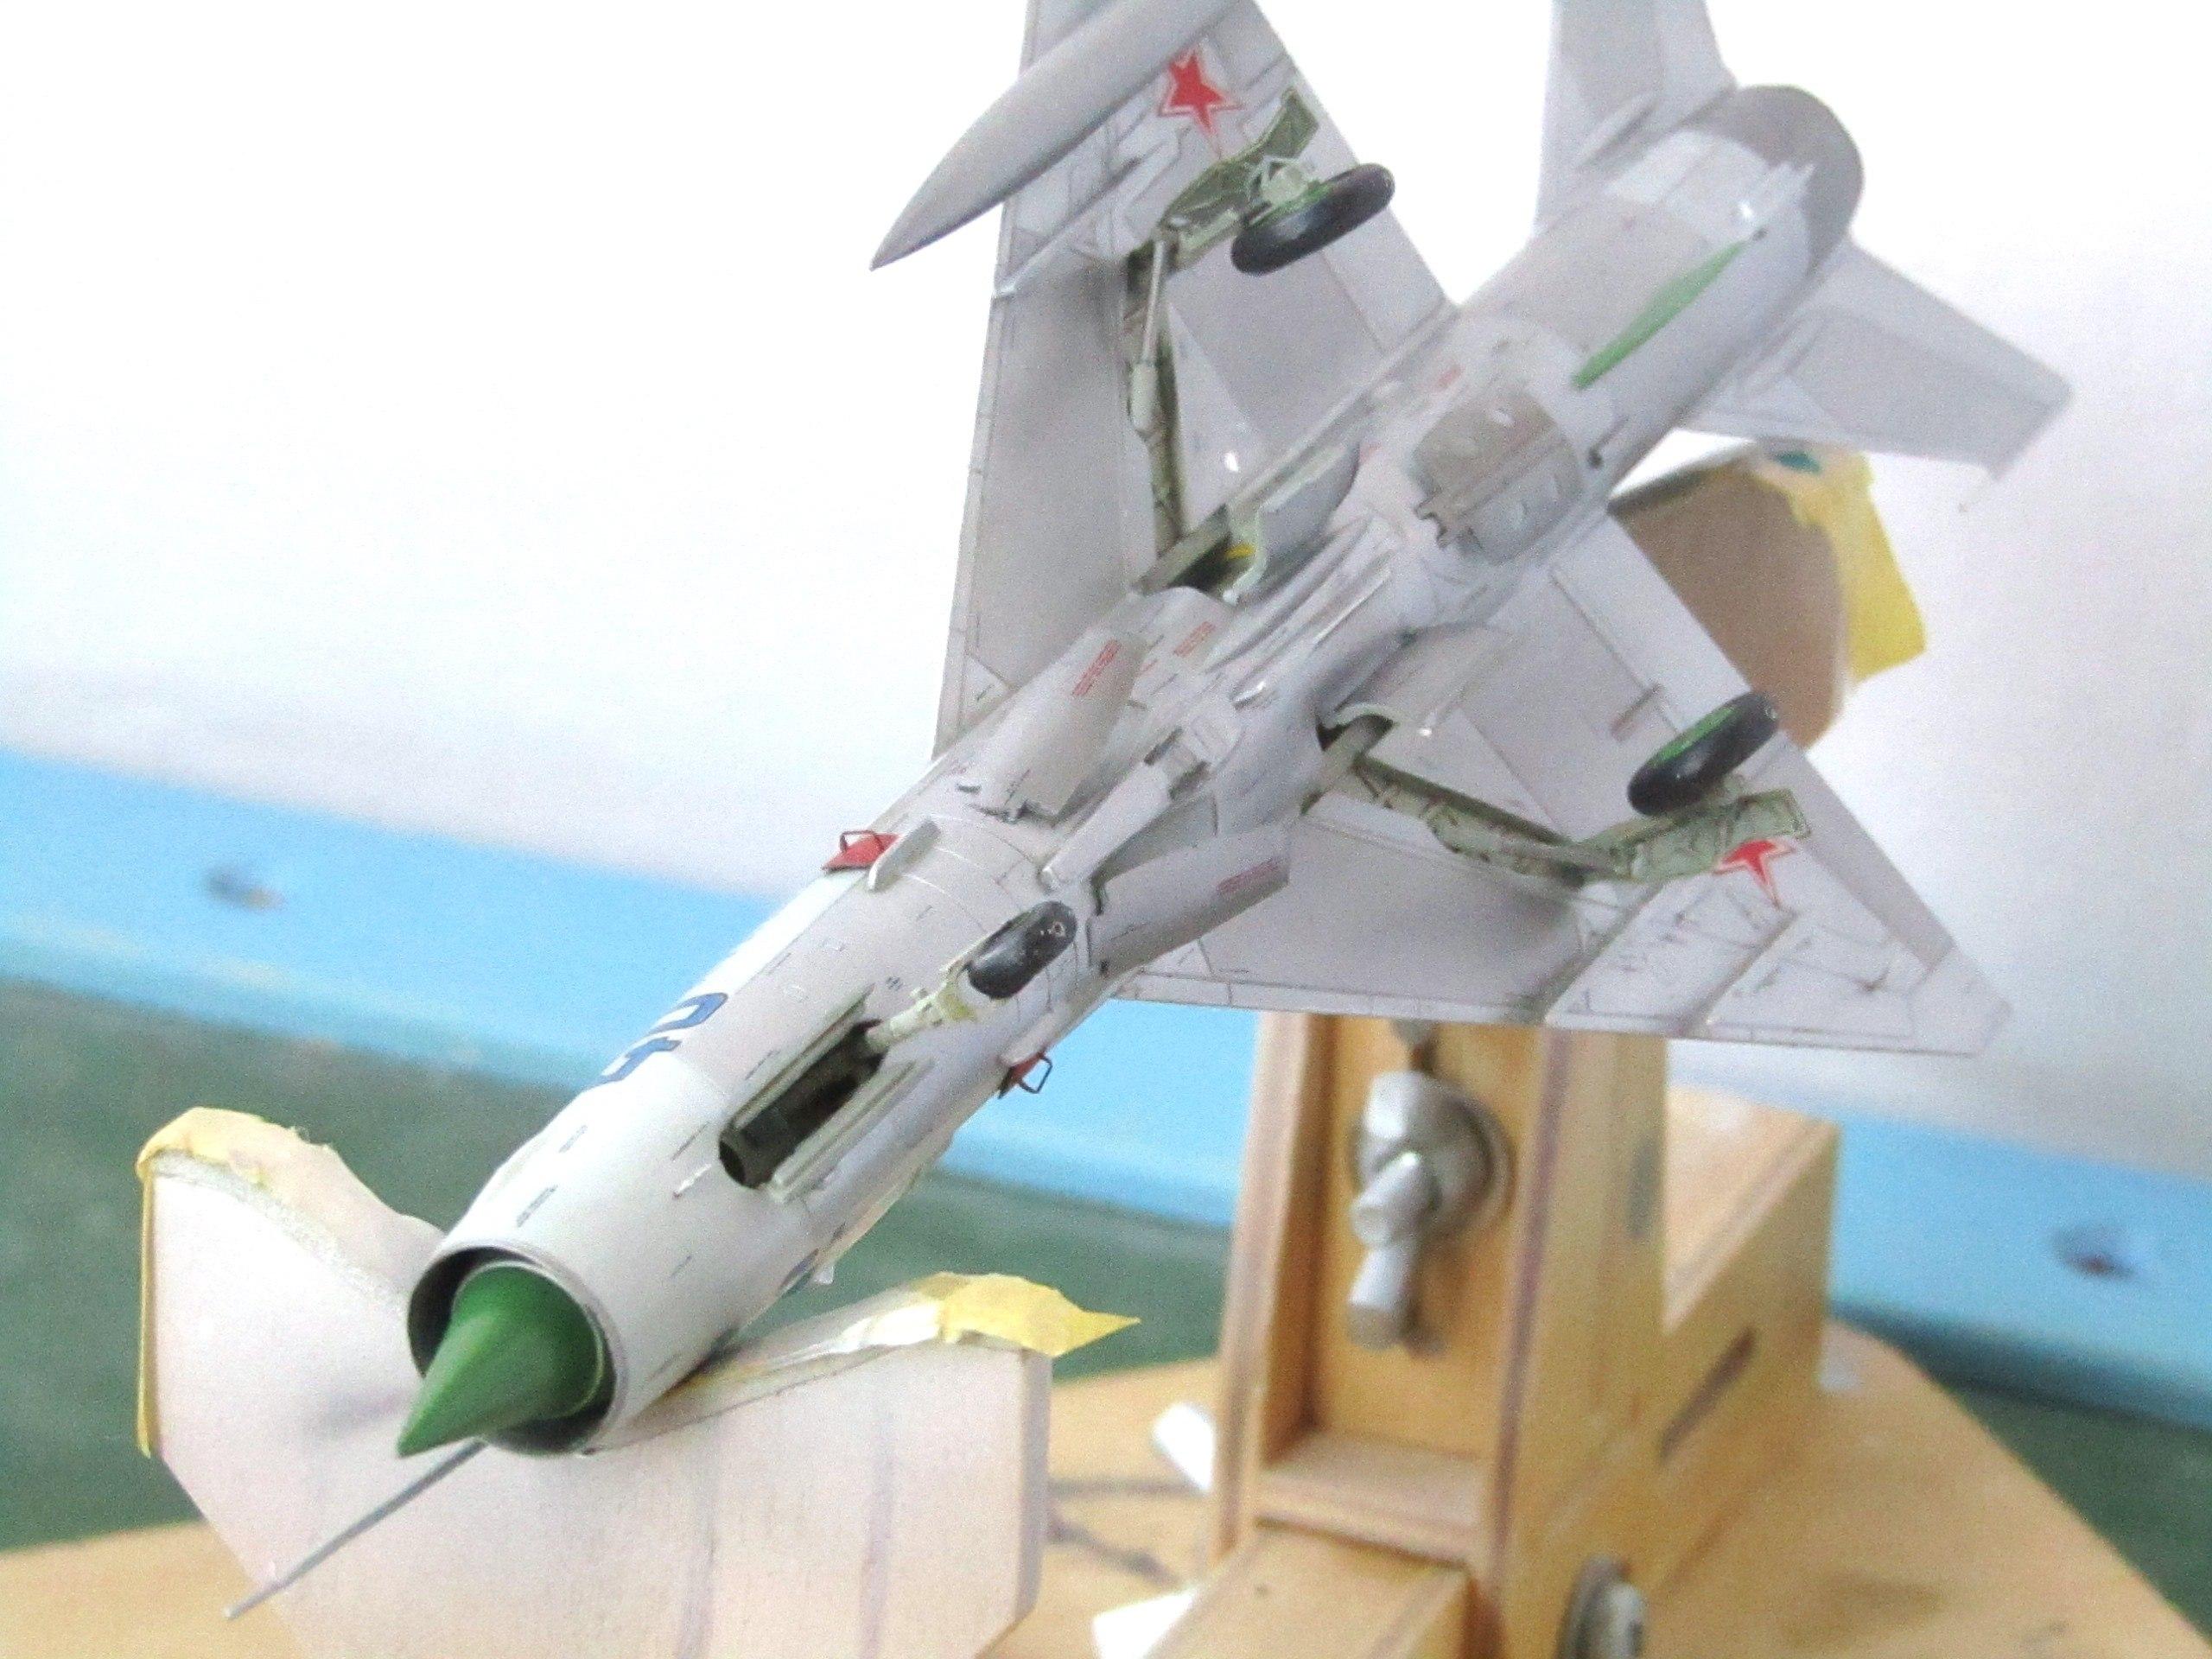 МиГ-21БИС 1/72 (Звезда) LfZEqkst_xk